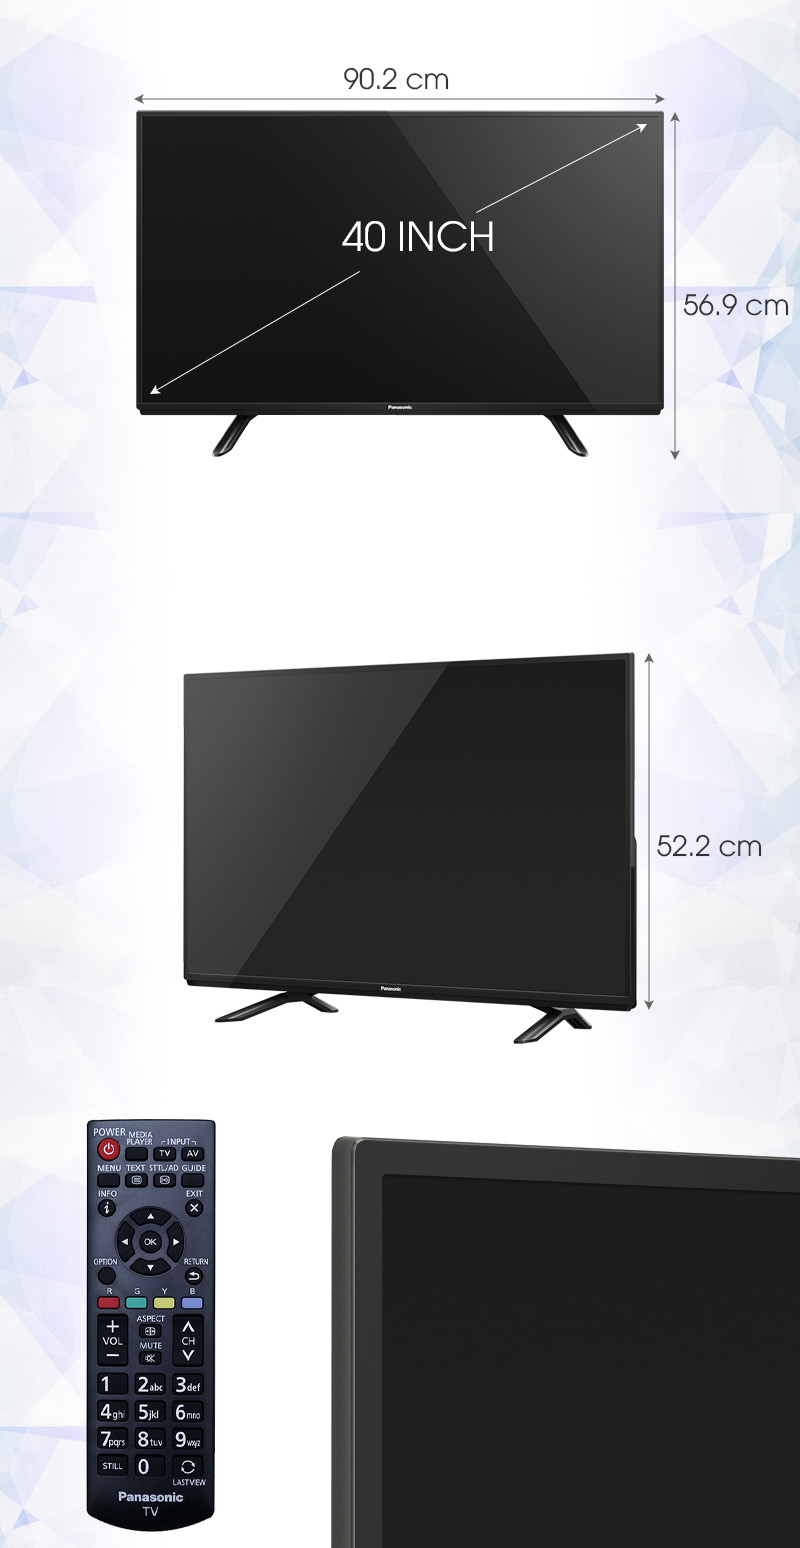 Tivi Panasonic 40 inch TH-40D400V - Kích thước TV